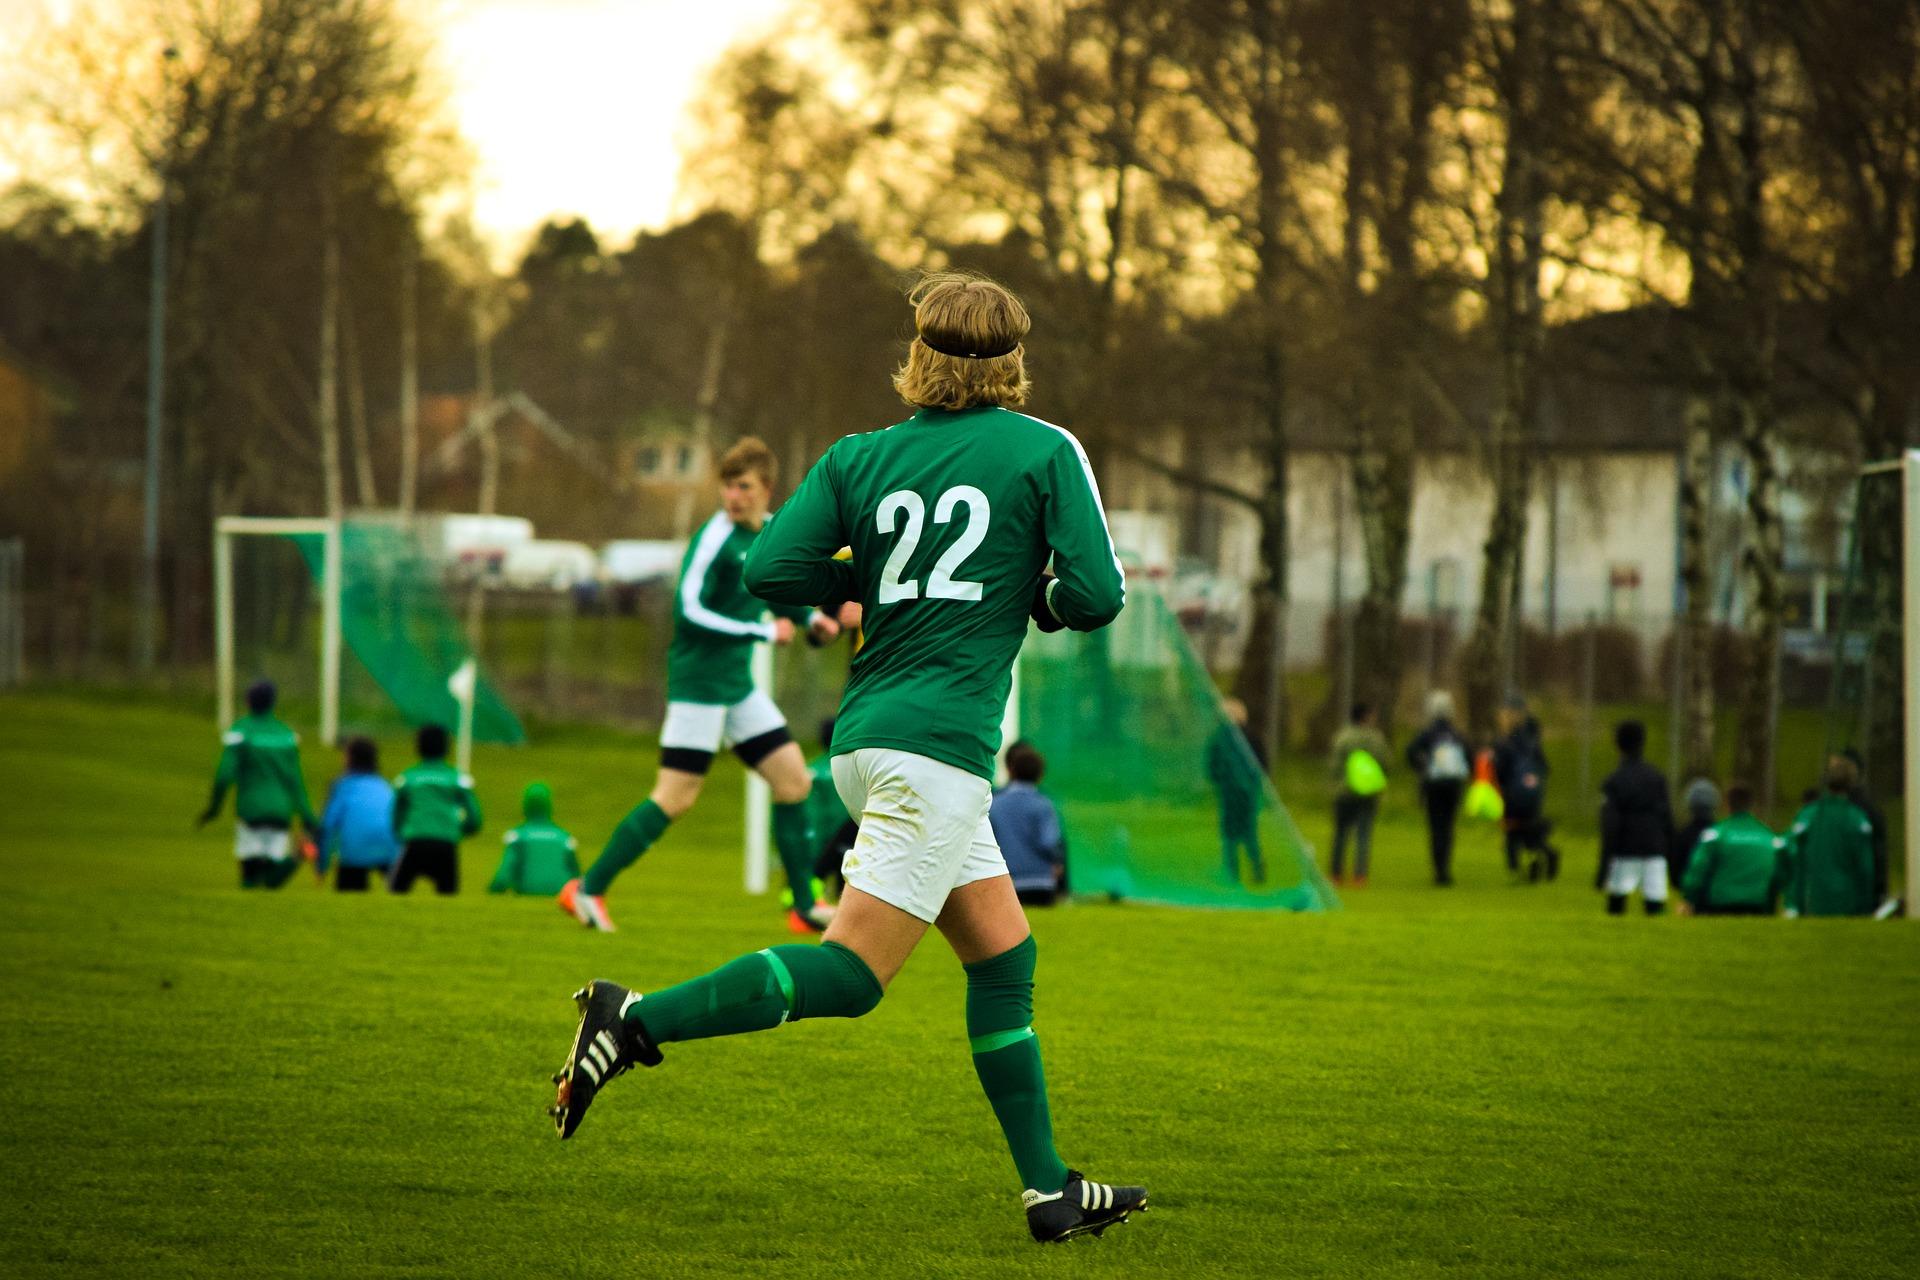 Jalkapalloilija kentällä.